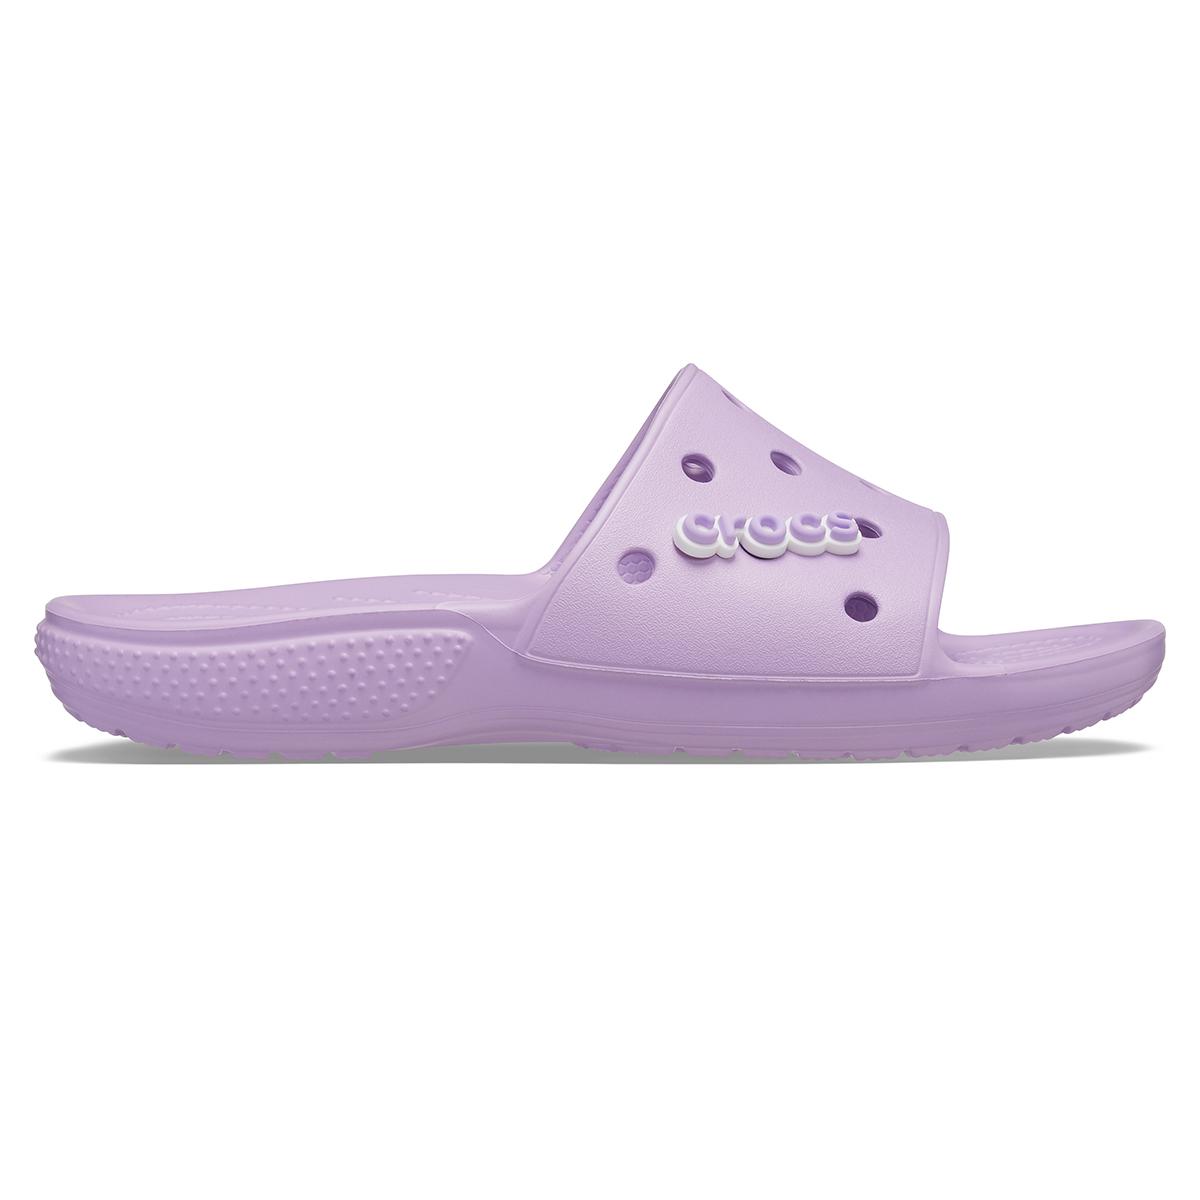 Classic Crocs Slide - Orchid